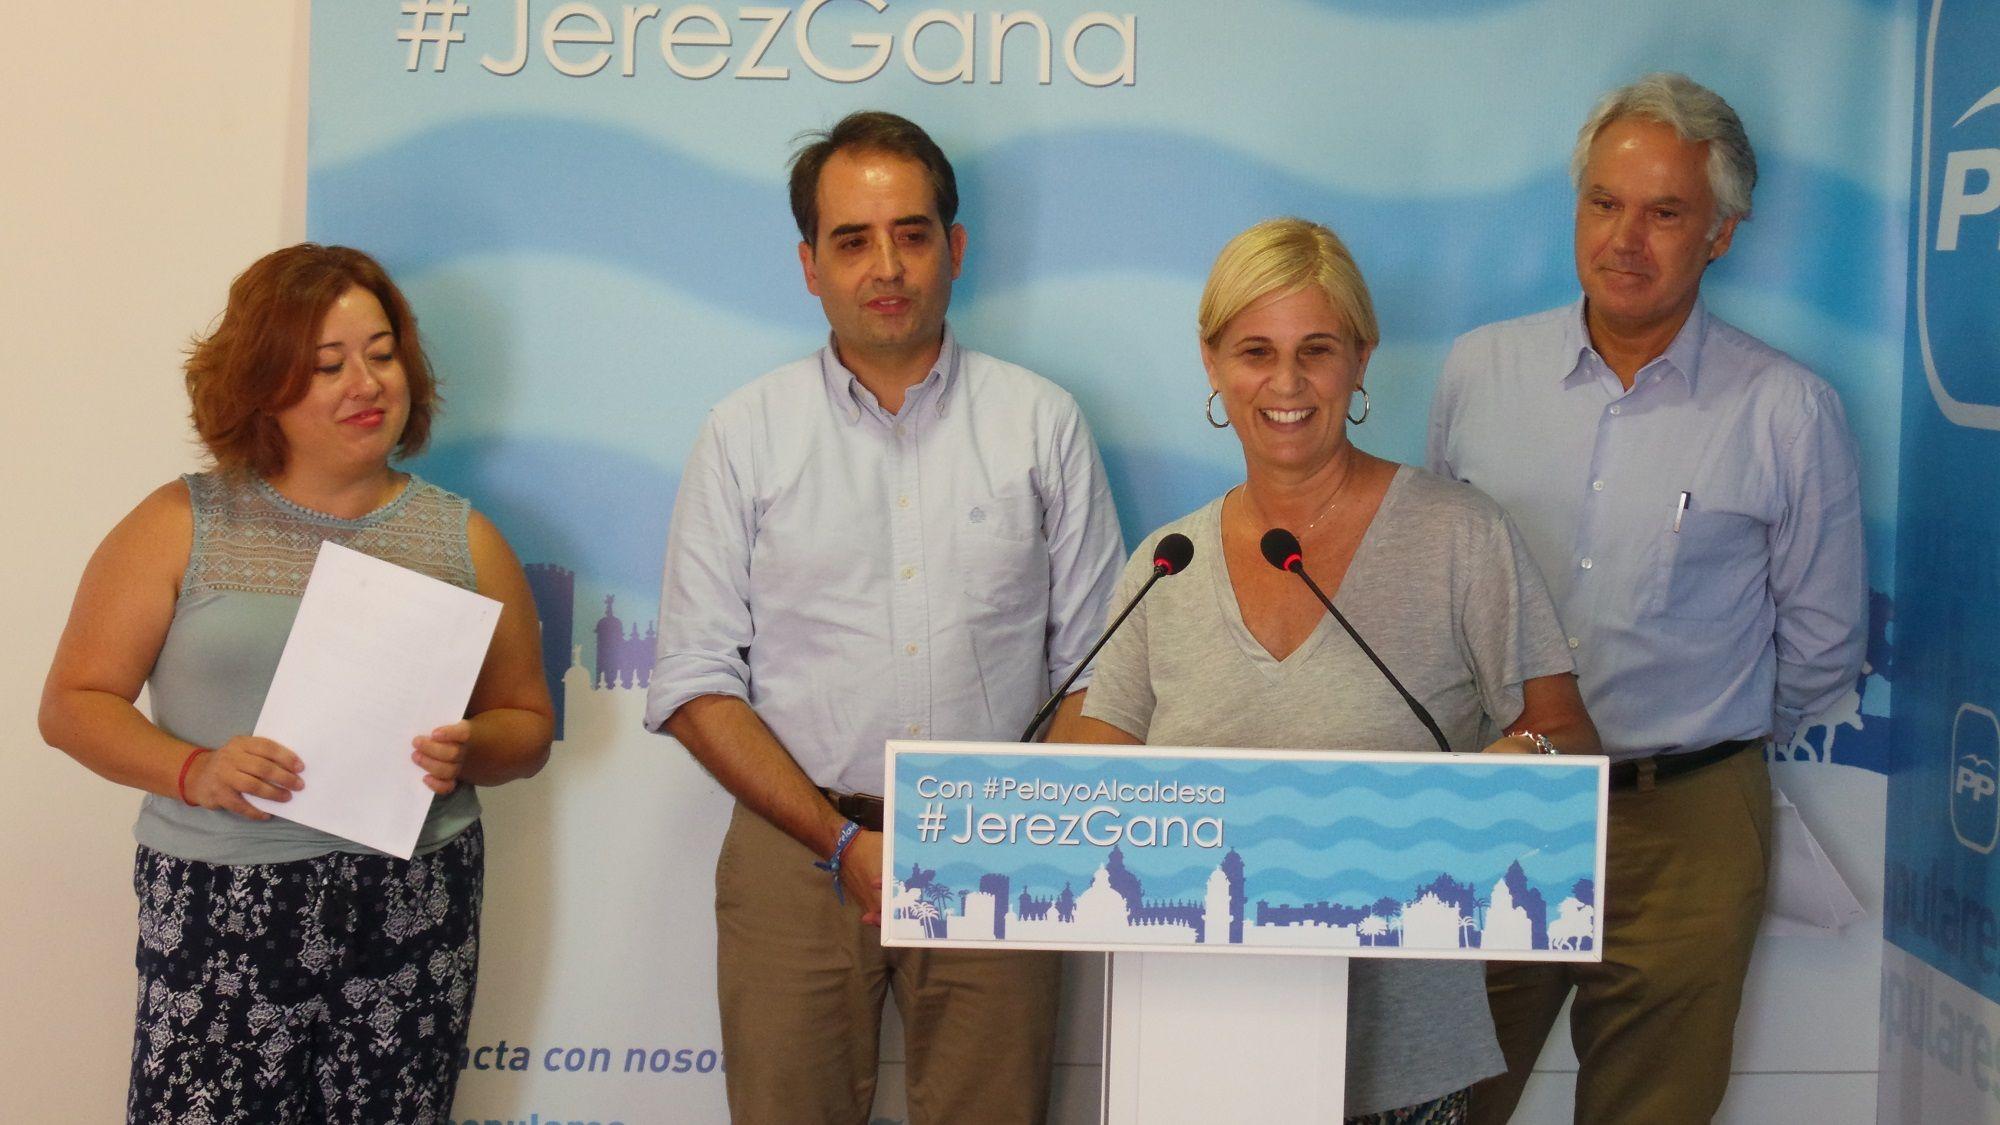 García-Pelayo junto a los concejales populares Antonio Saldaña, Lidia Menacho y Agustín Muñoz en rueda de prensa